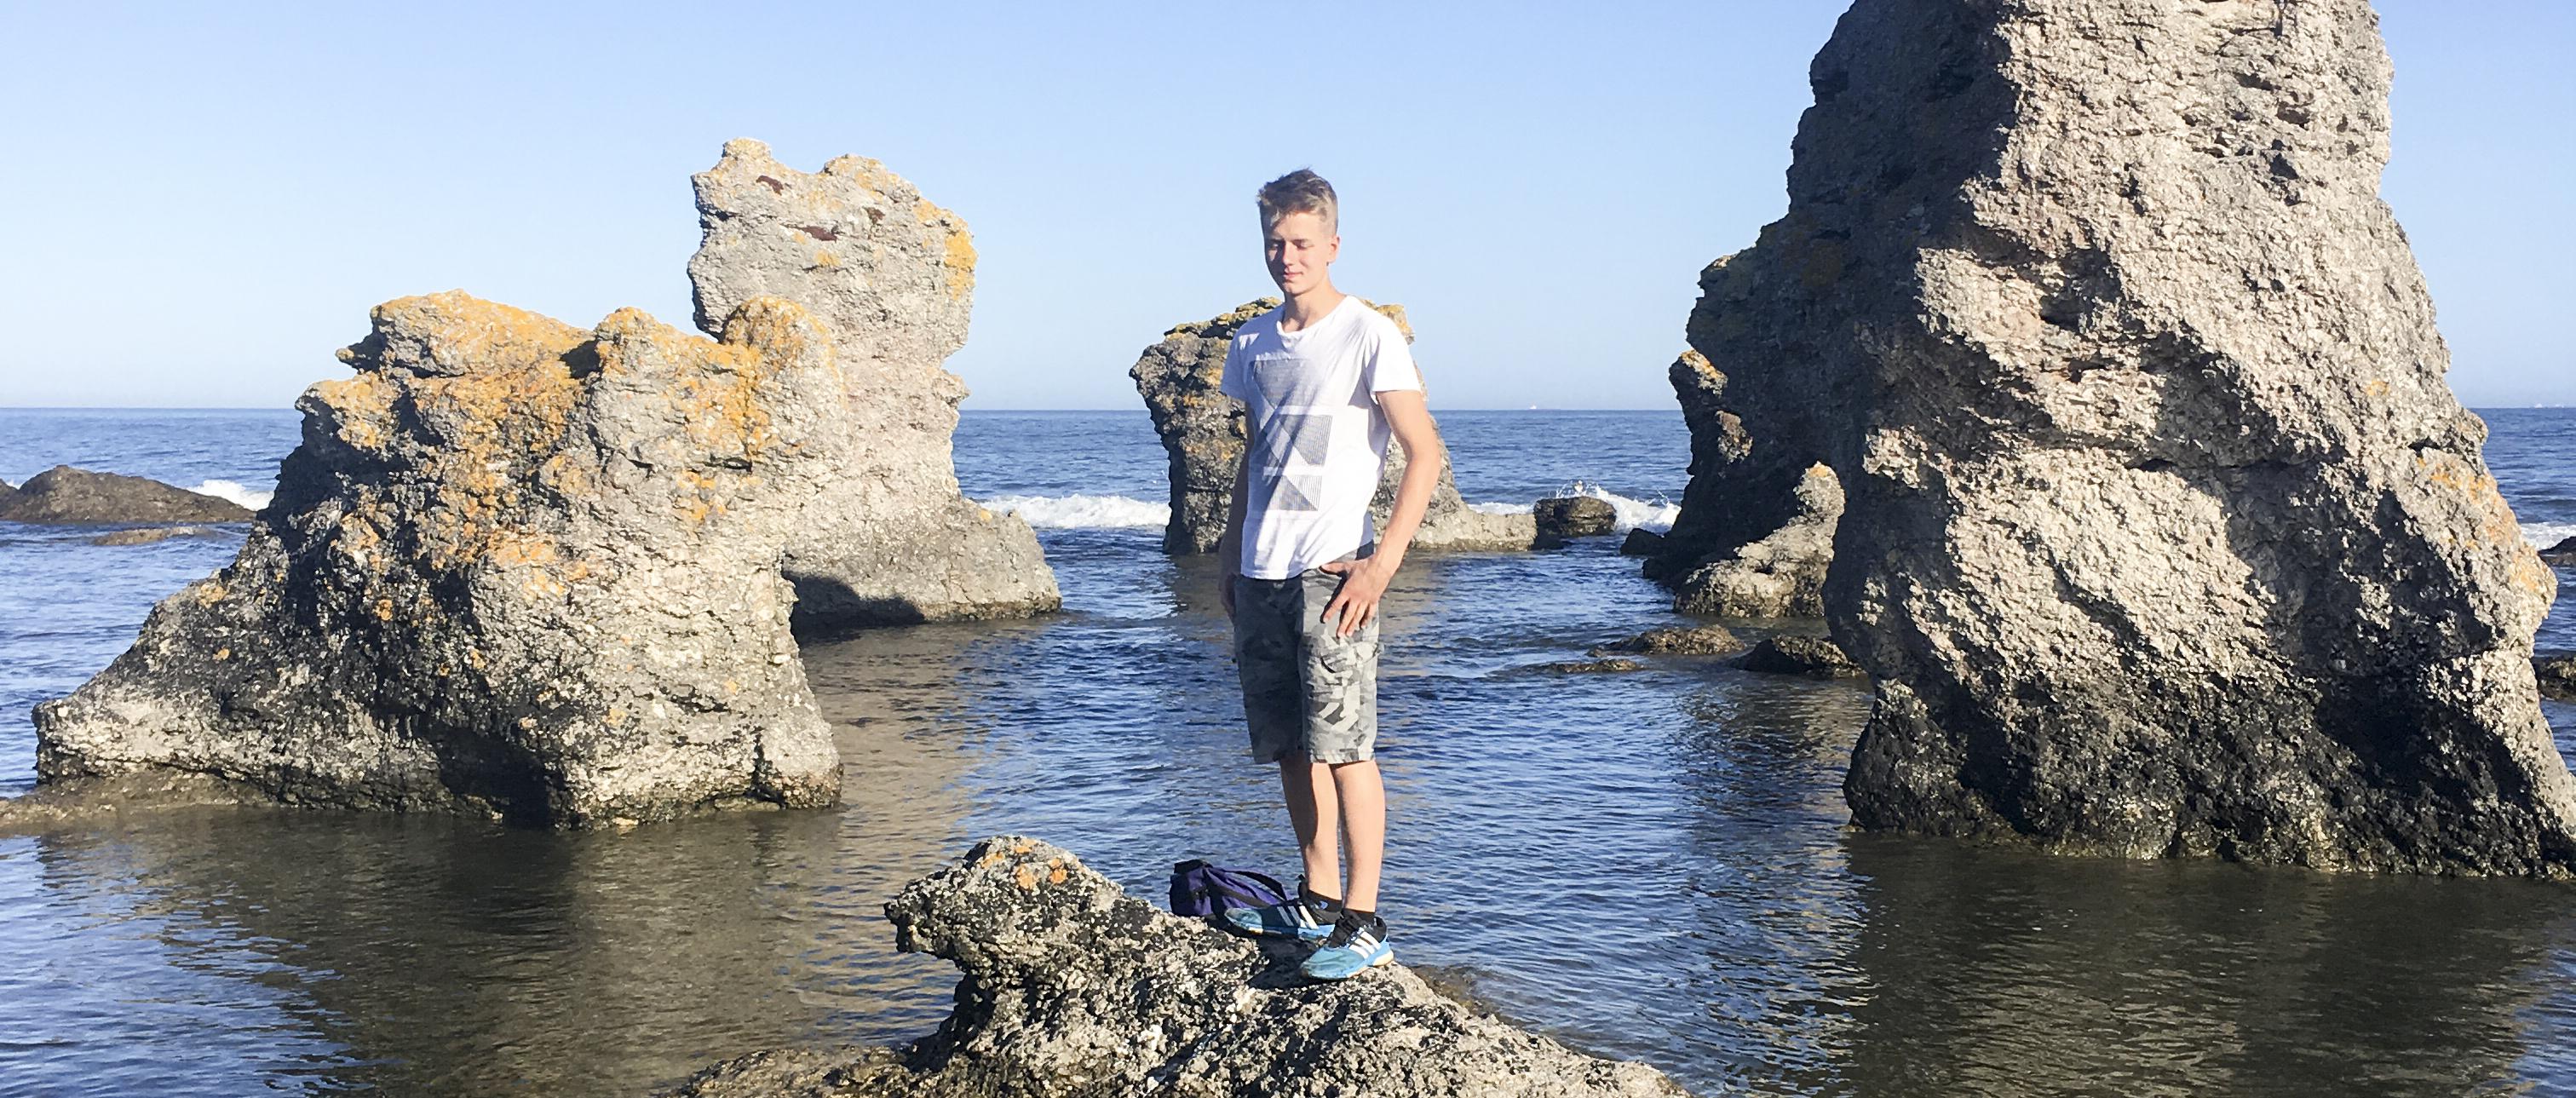 Vahvista ruotsin taitojasi kesällä Gotlannissa tai kotimaassa